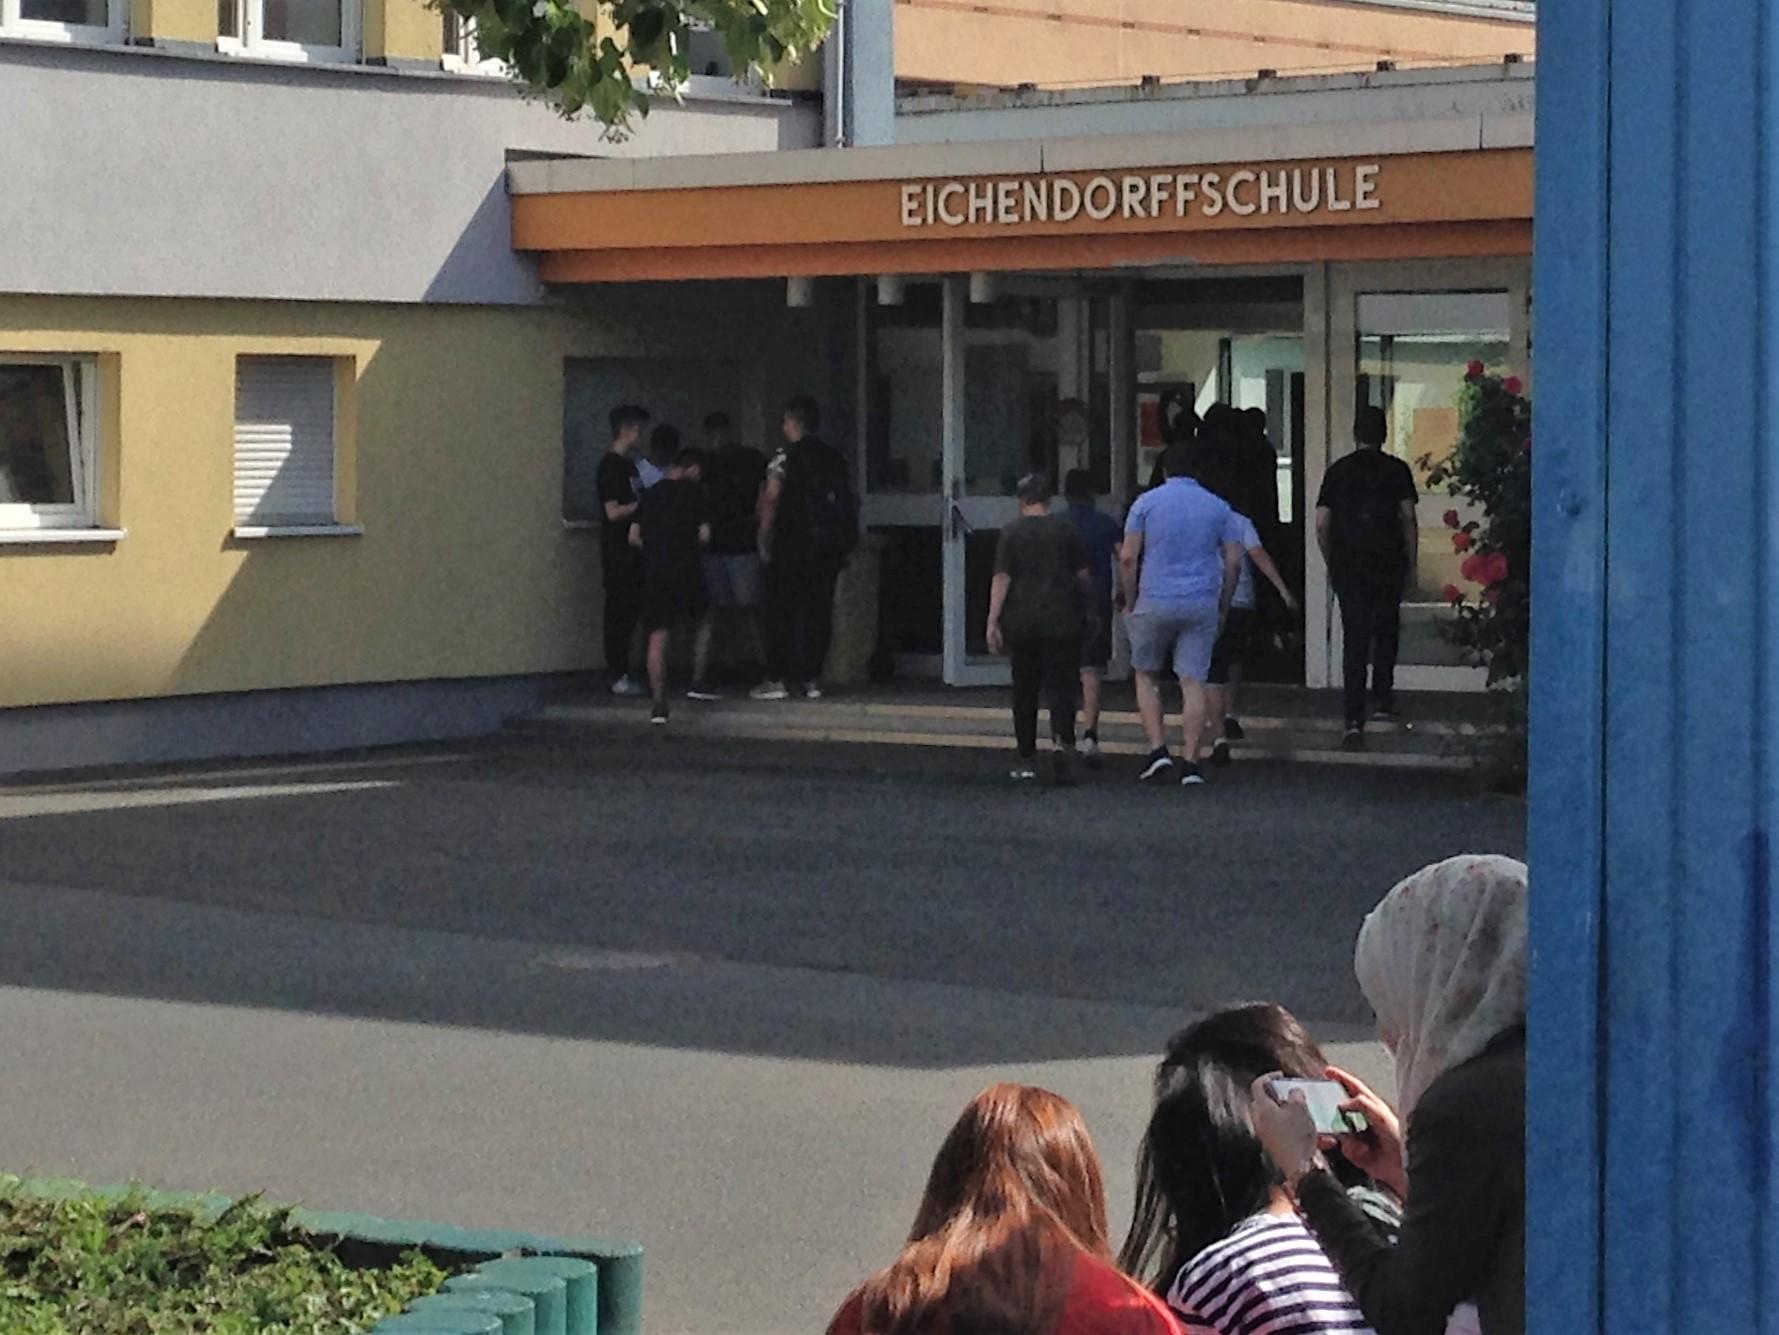 Das Bild zeigt den Eingan der Eichendorff-Mittelschule Erlangen mit mehreren Schülerinnen und Schülern davor.